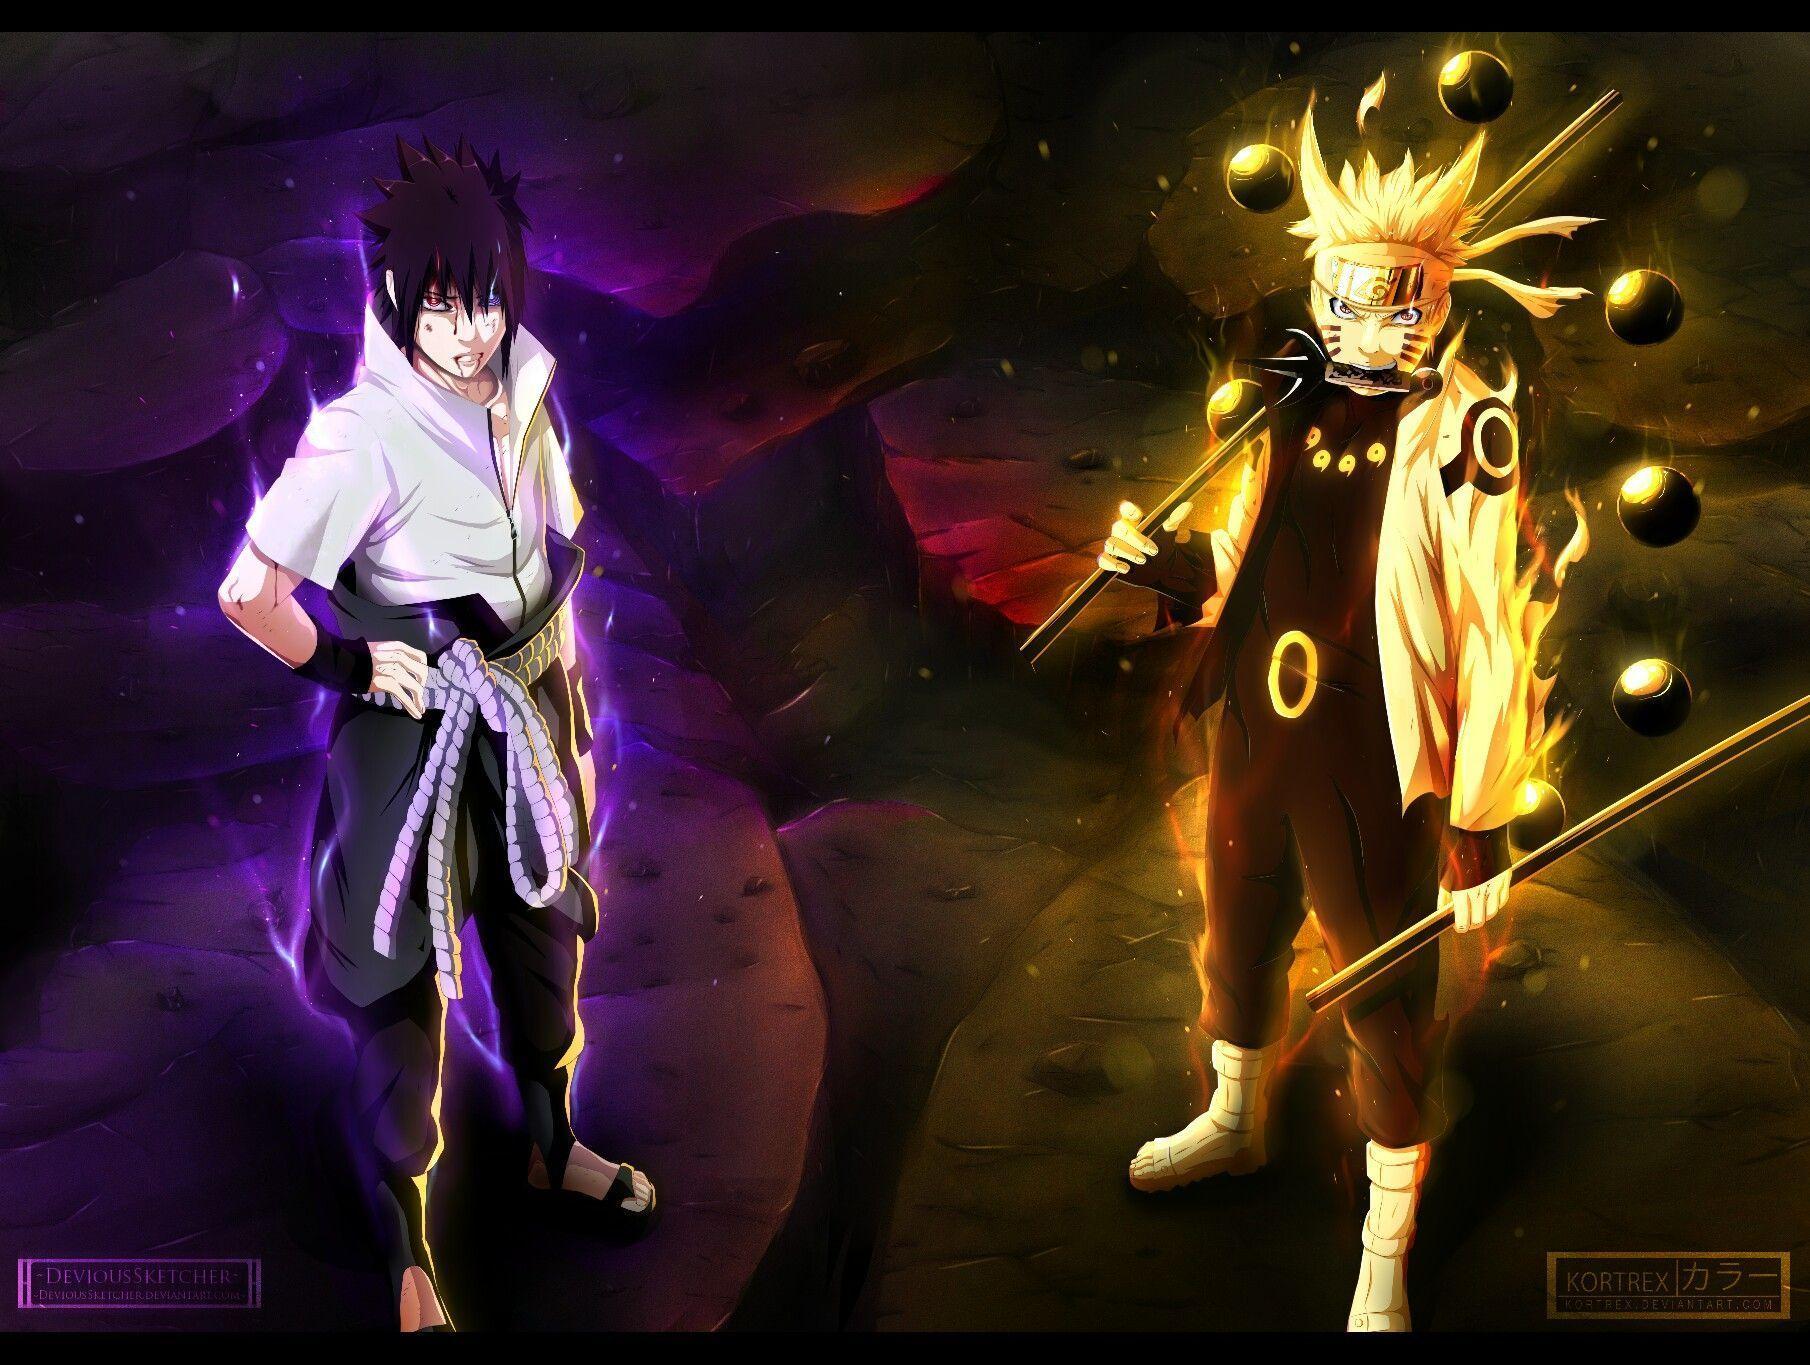 Naruto Shippuden Sasuke Wallpapers Top Free Naruto Shippuden Sasuke Backgrounds Wallpaperaccess